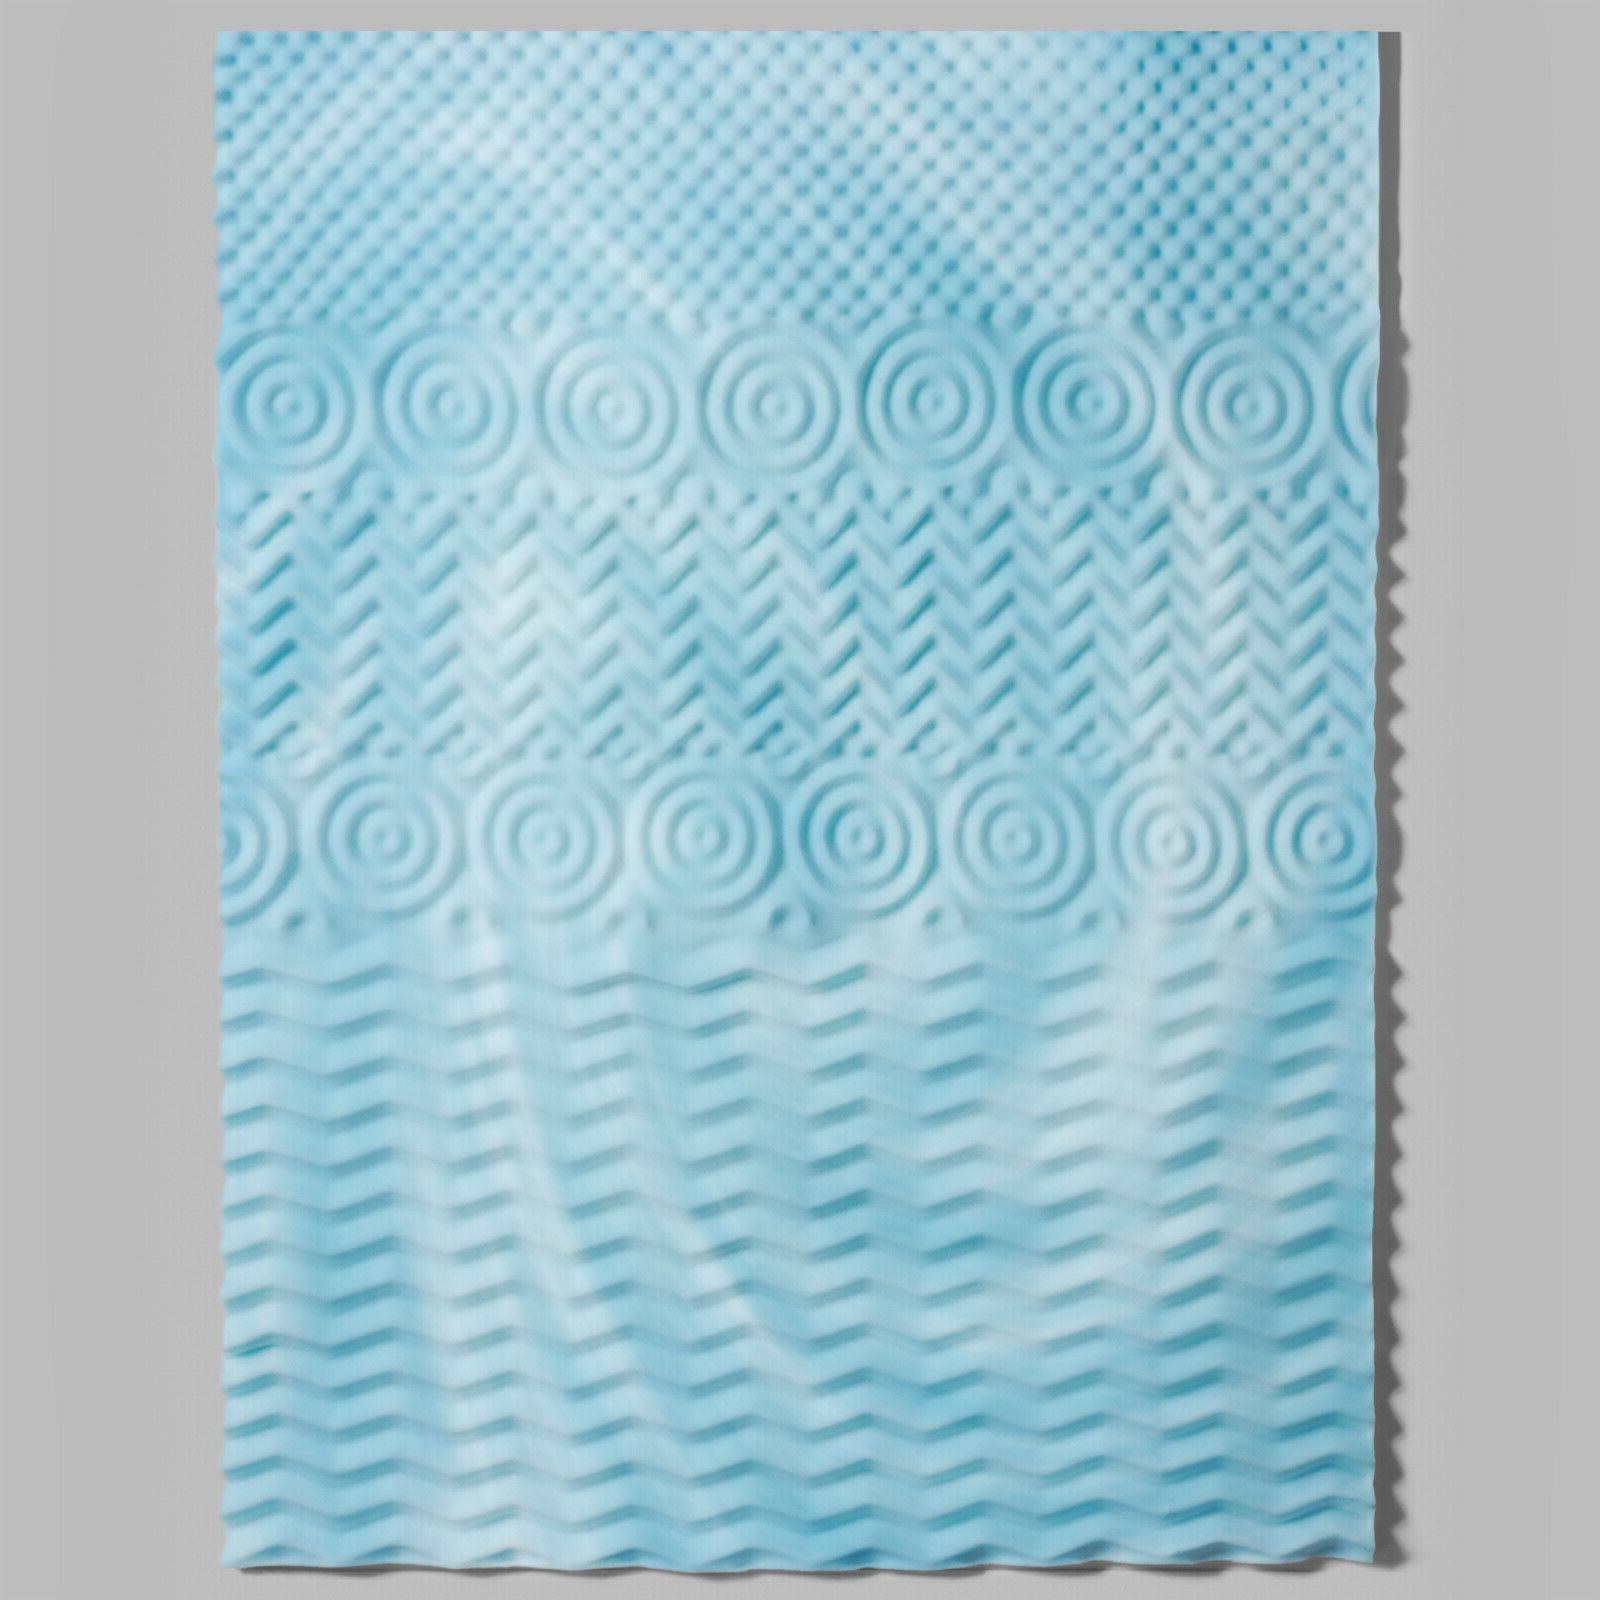 Mattress Topper Hypoallergenic Gel Memory Foam 2 Inch Orthop